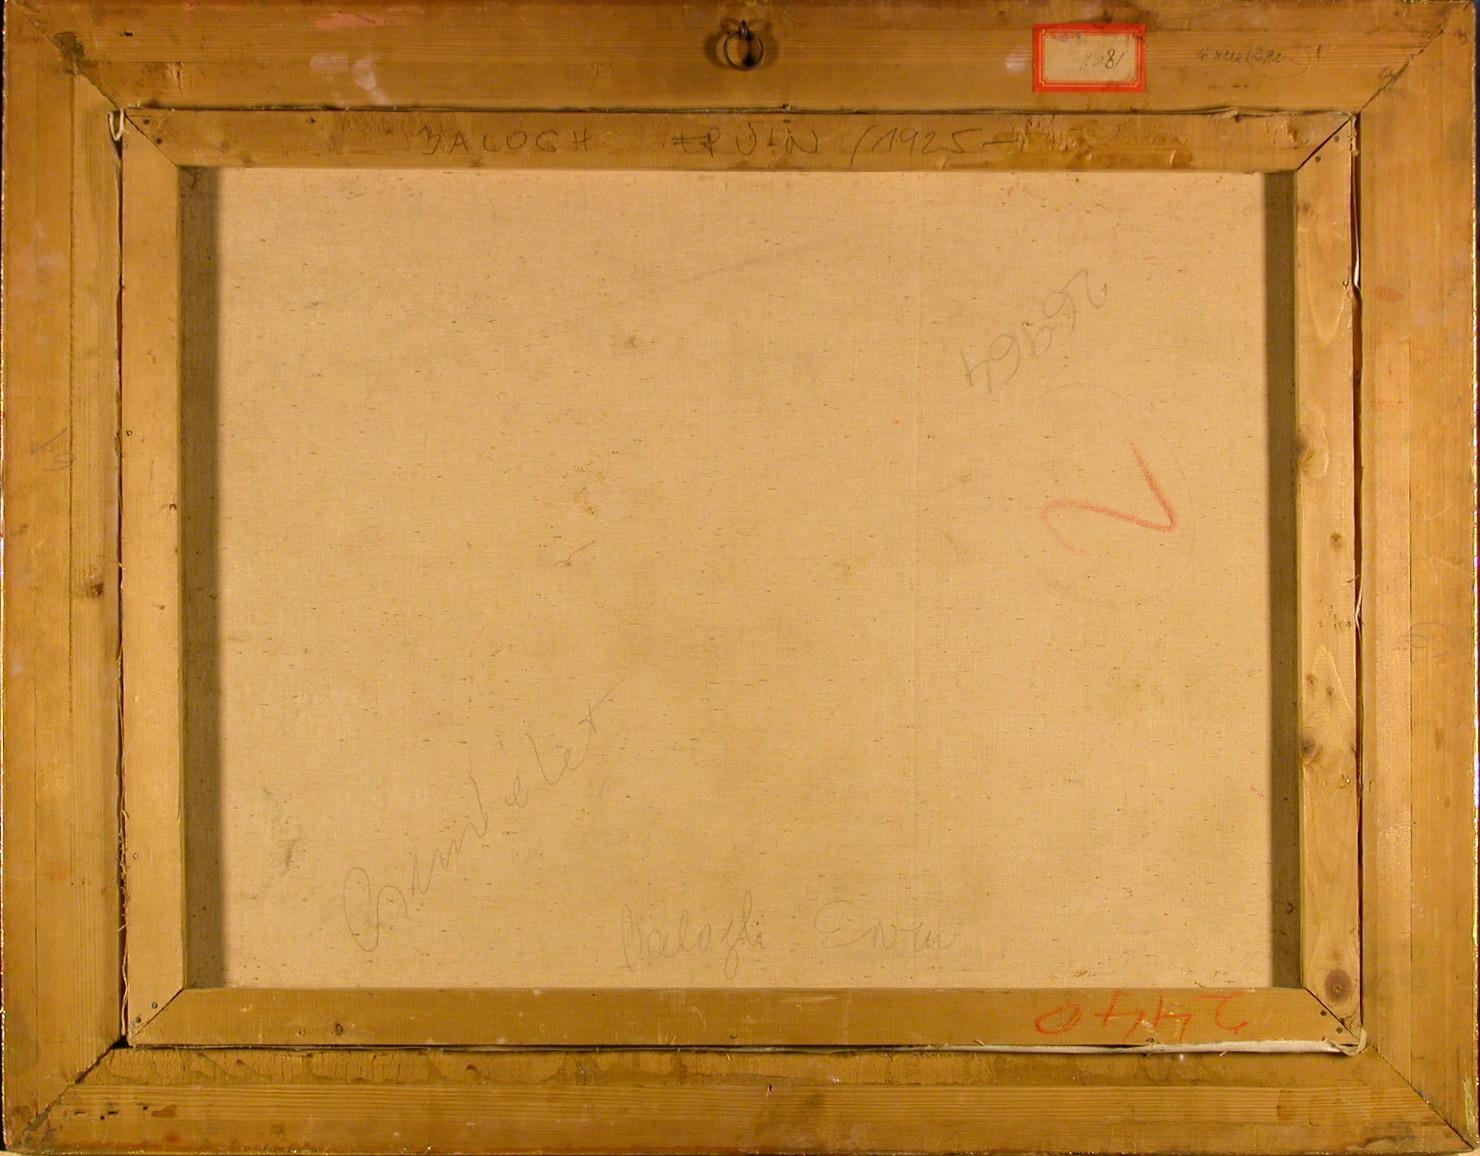 DSCN0003.JPG (1480×1156)